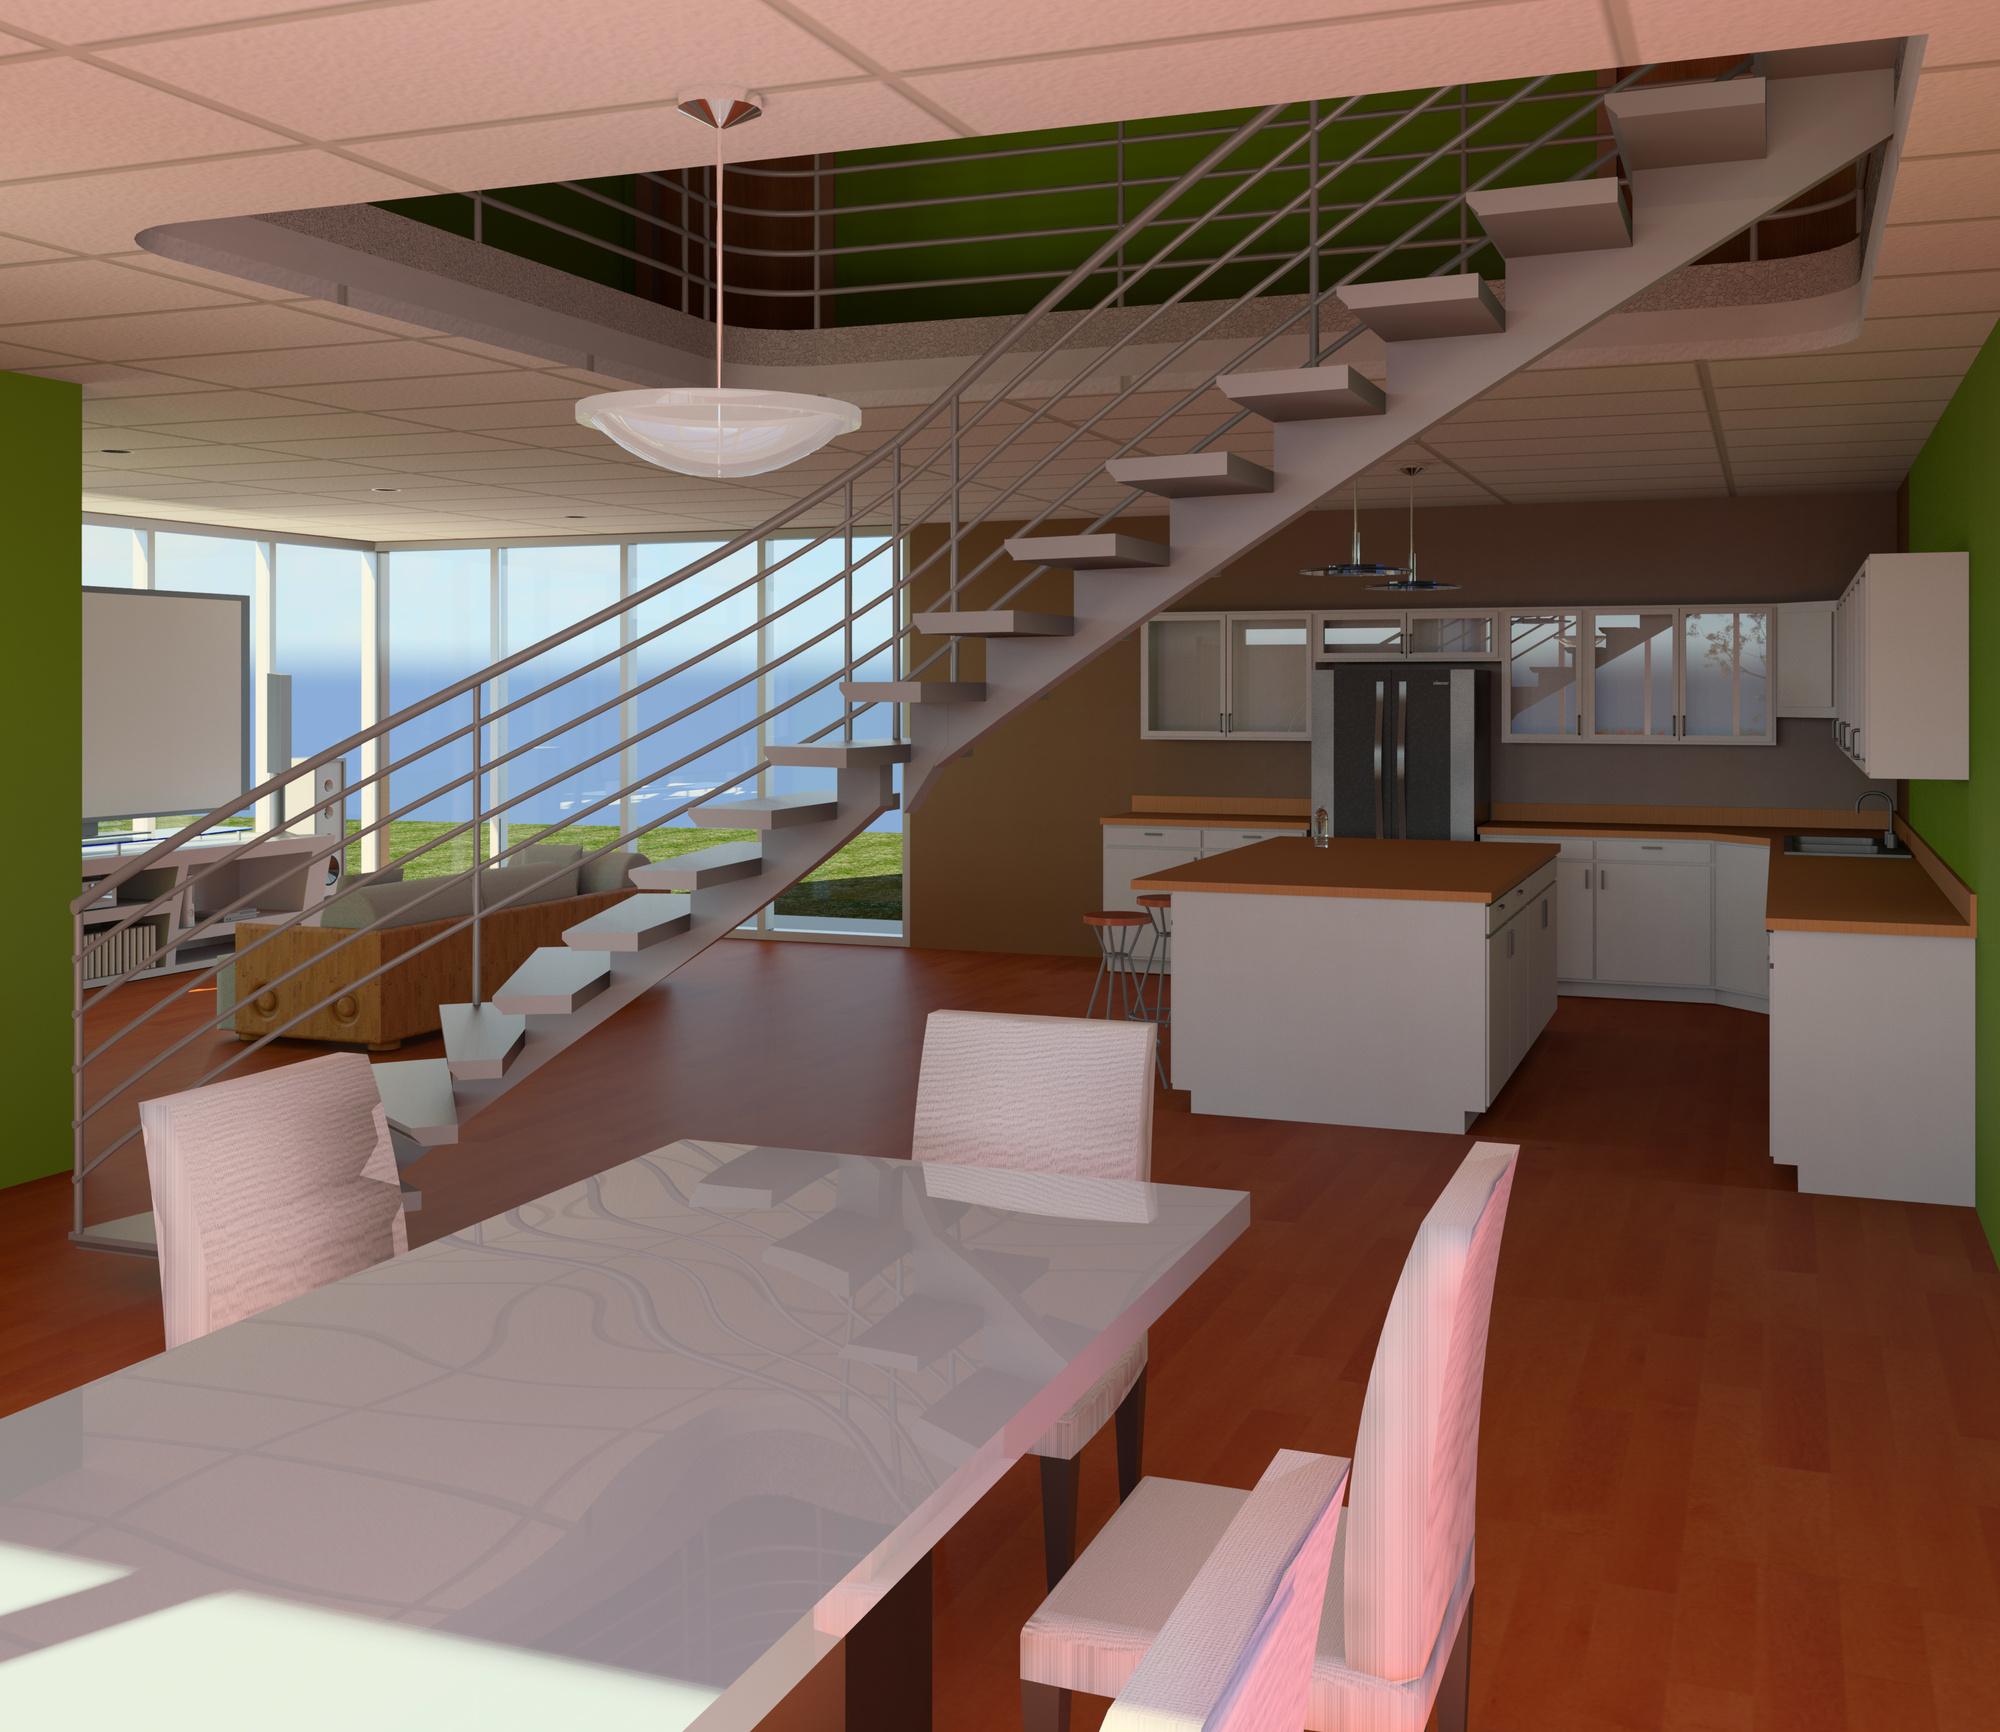 Raas-rendering20150127-7607-1res11z